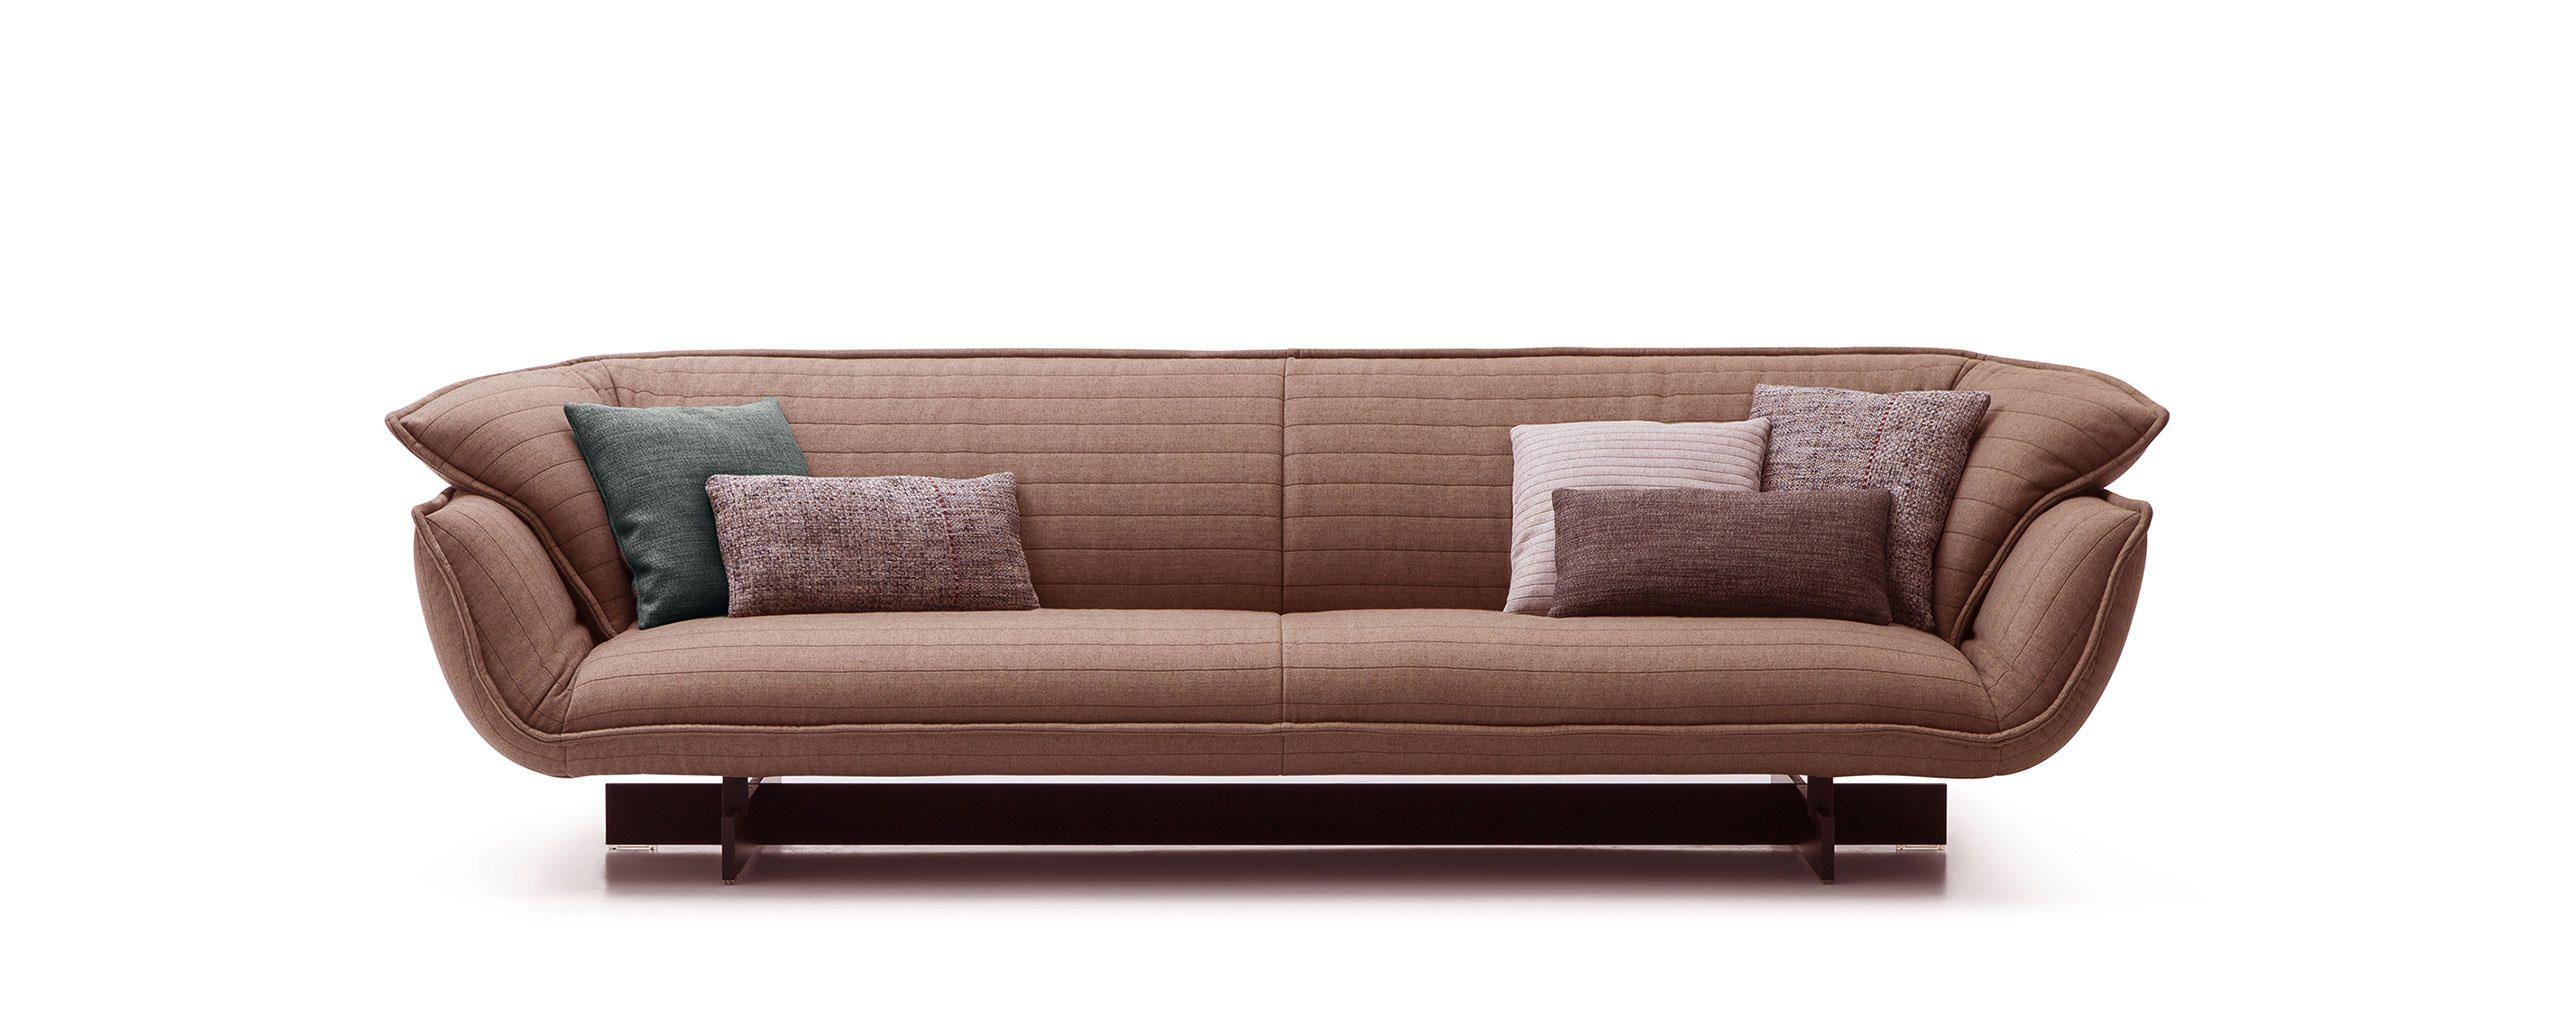 550 Beam Sofa System By Patricia Urquiola For Cina C 2017